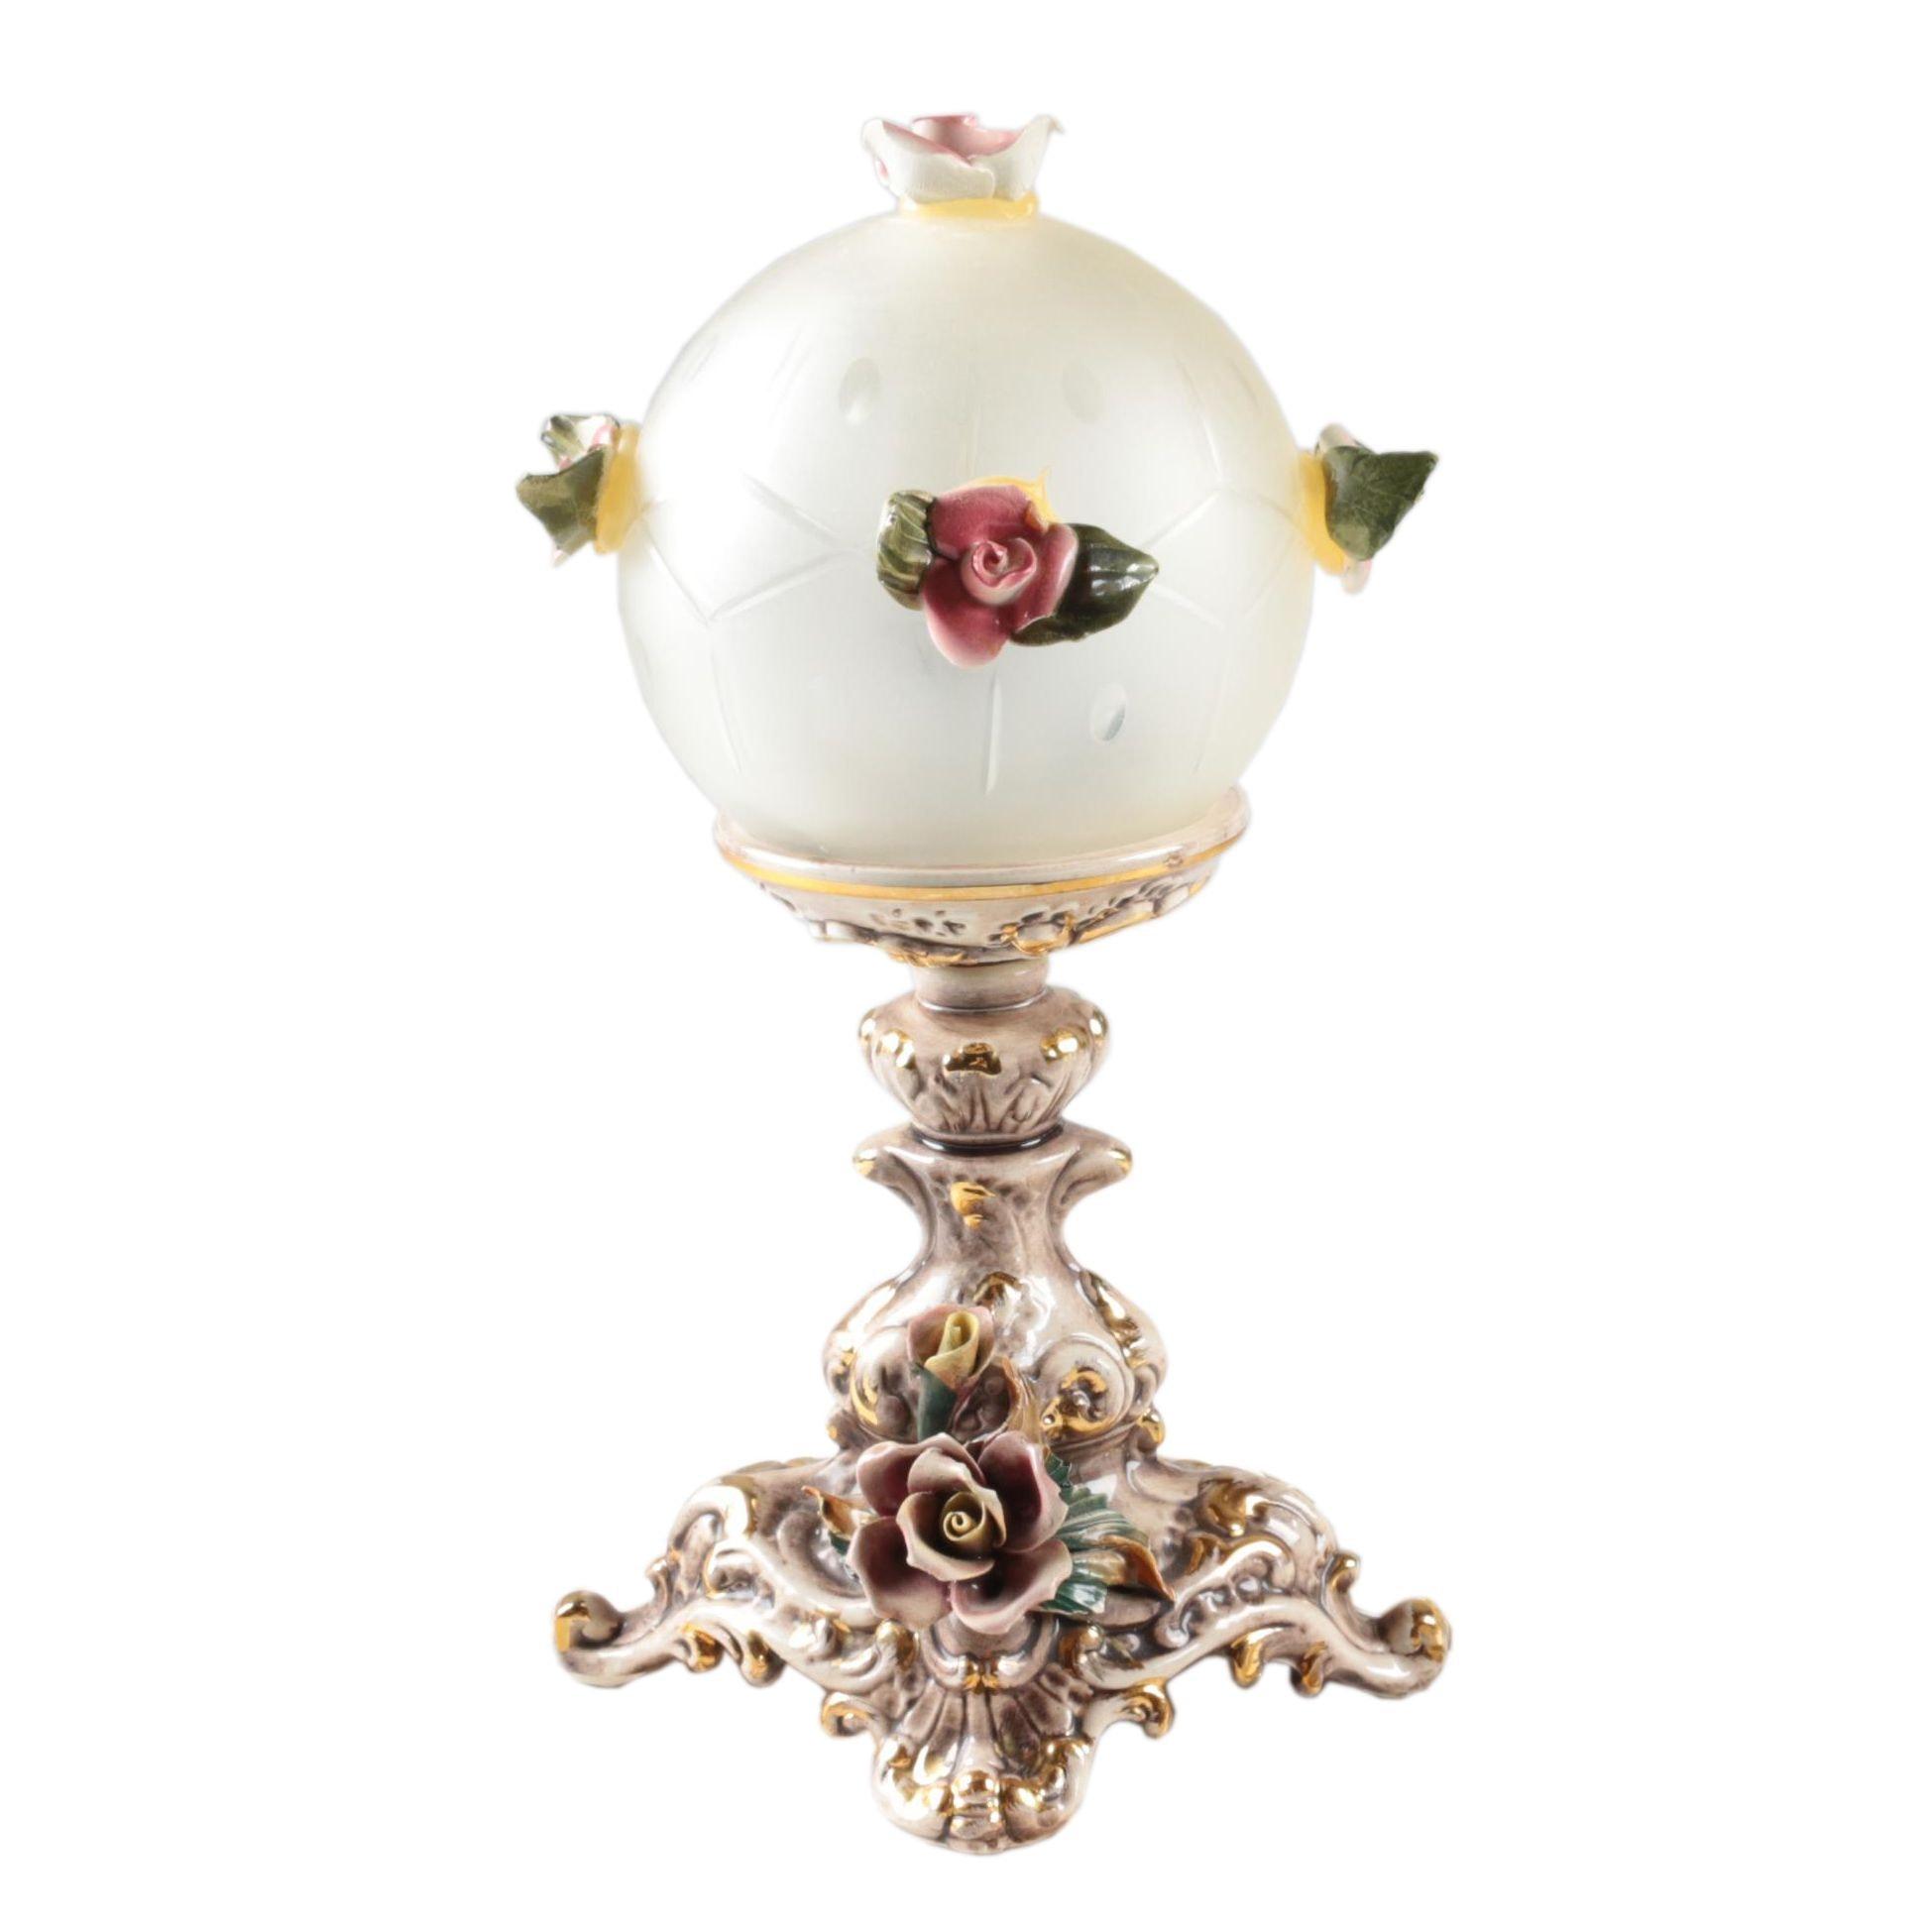 Vintage Capodimonte Ceramic Rose Table Lamp